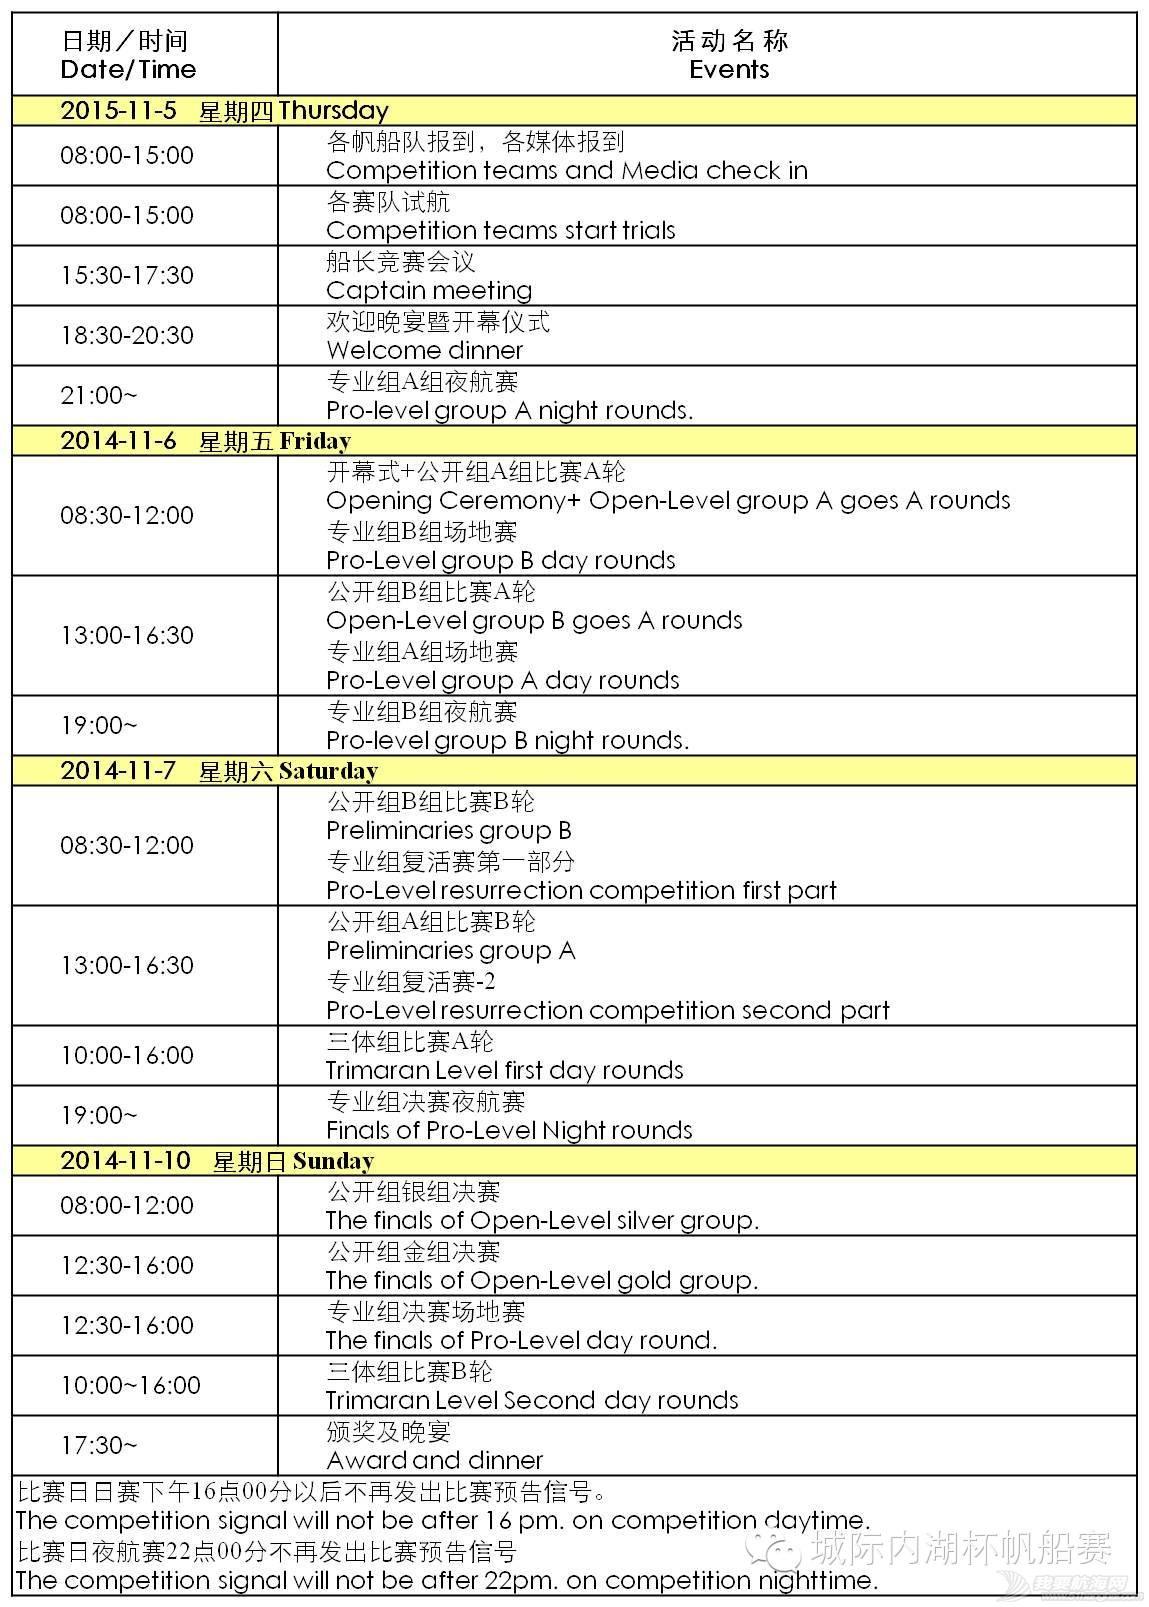 苏州中心•城际内湖杯2015金鸡湖帆船赛成人组竞赛通知 e8757776ad776447efdabcbb6aa07de3.jpg